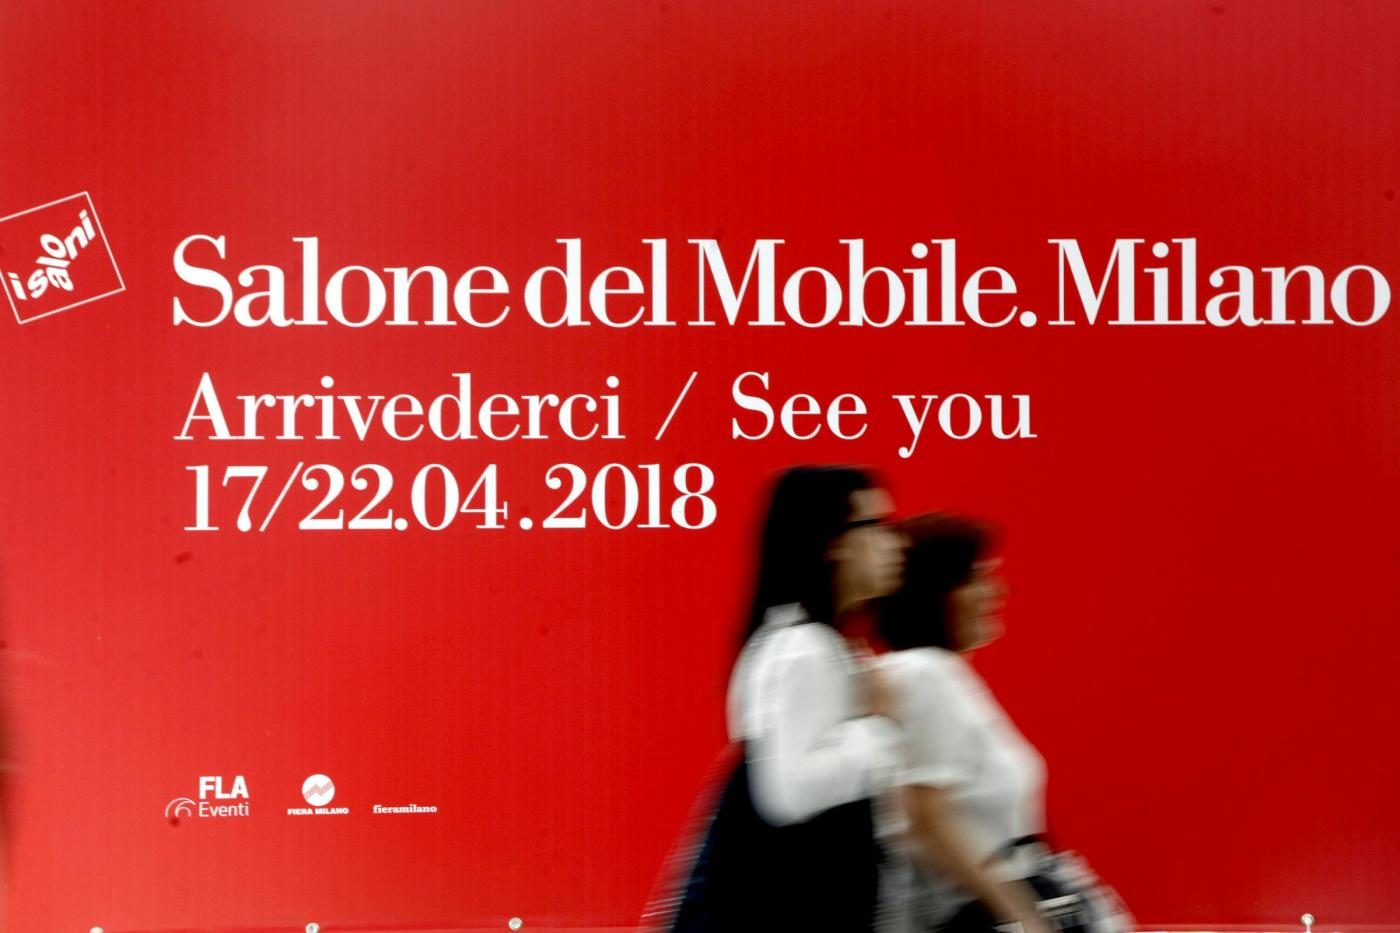 Salone del mobile 2018 tutte le novit della 57a edizione for Classi di design del mobile